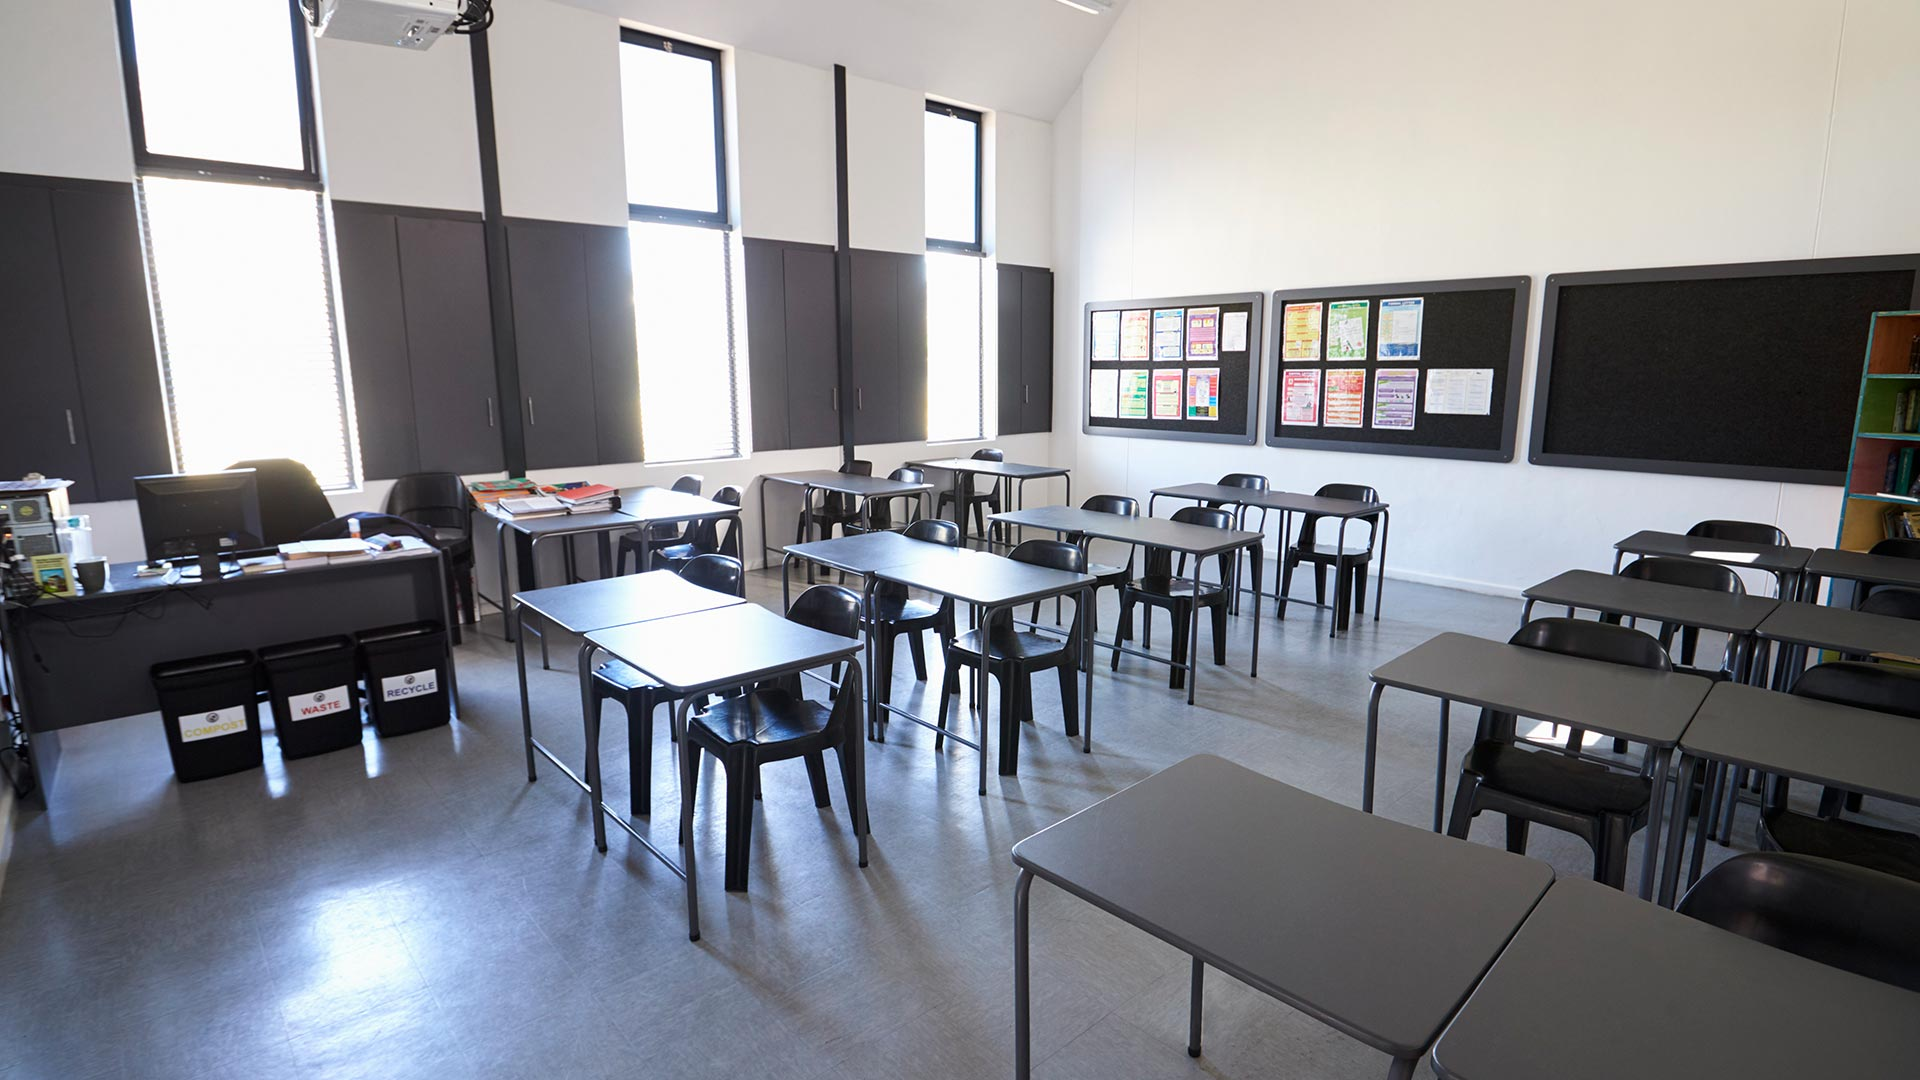 Visita Virtual para colegio | Creamos RECORRIDOS VIRTUALES 360º